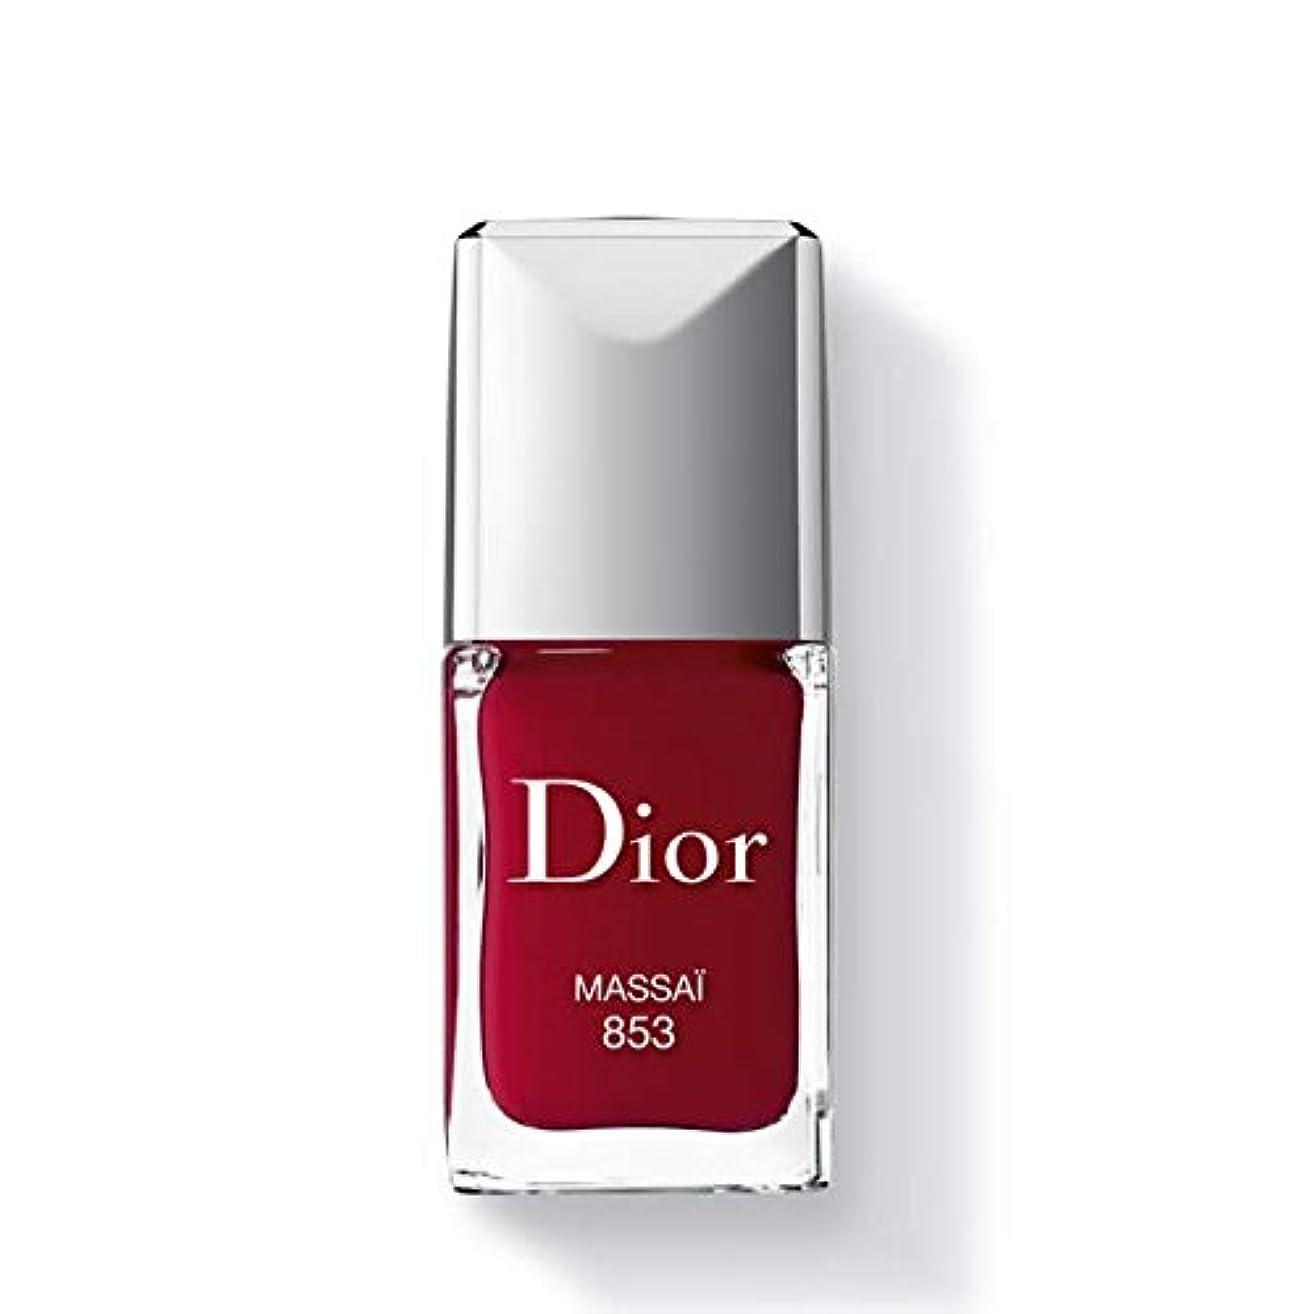 ケーブルメロン通路Dior ディオールヴェルニ #853 マサイ 10ml [207997] [並行輸入品]